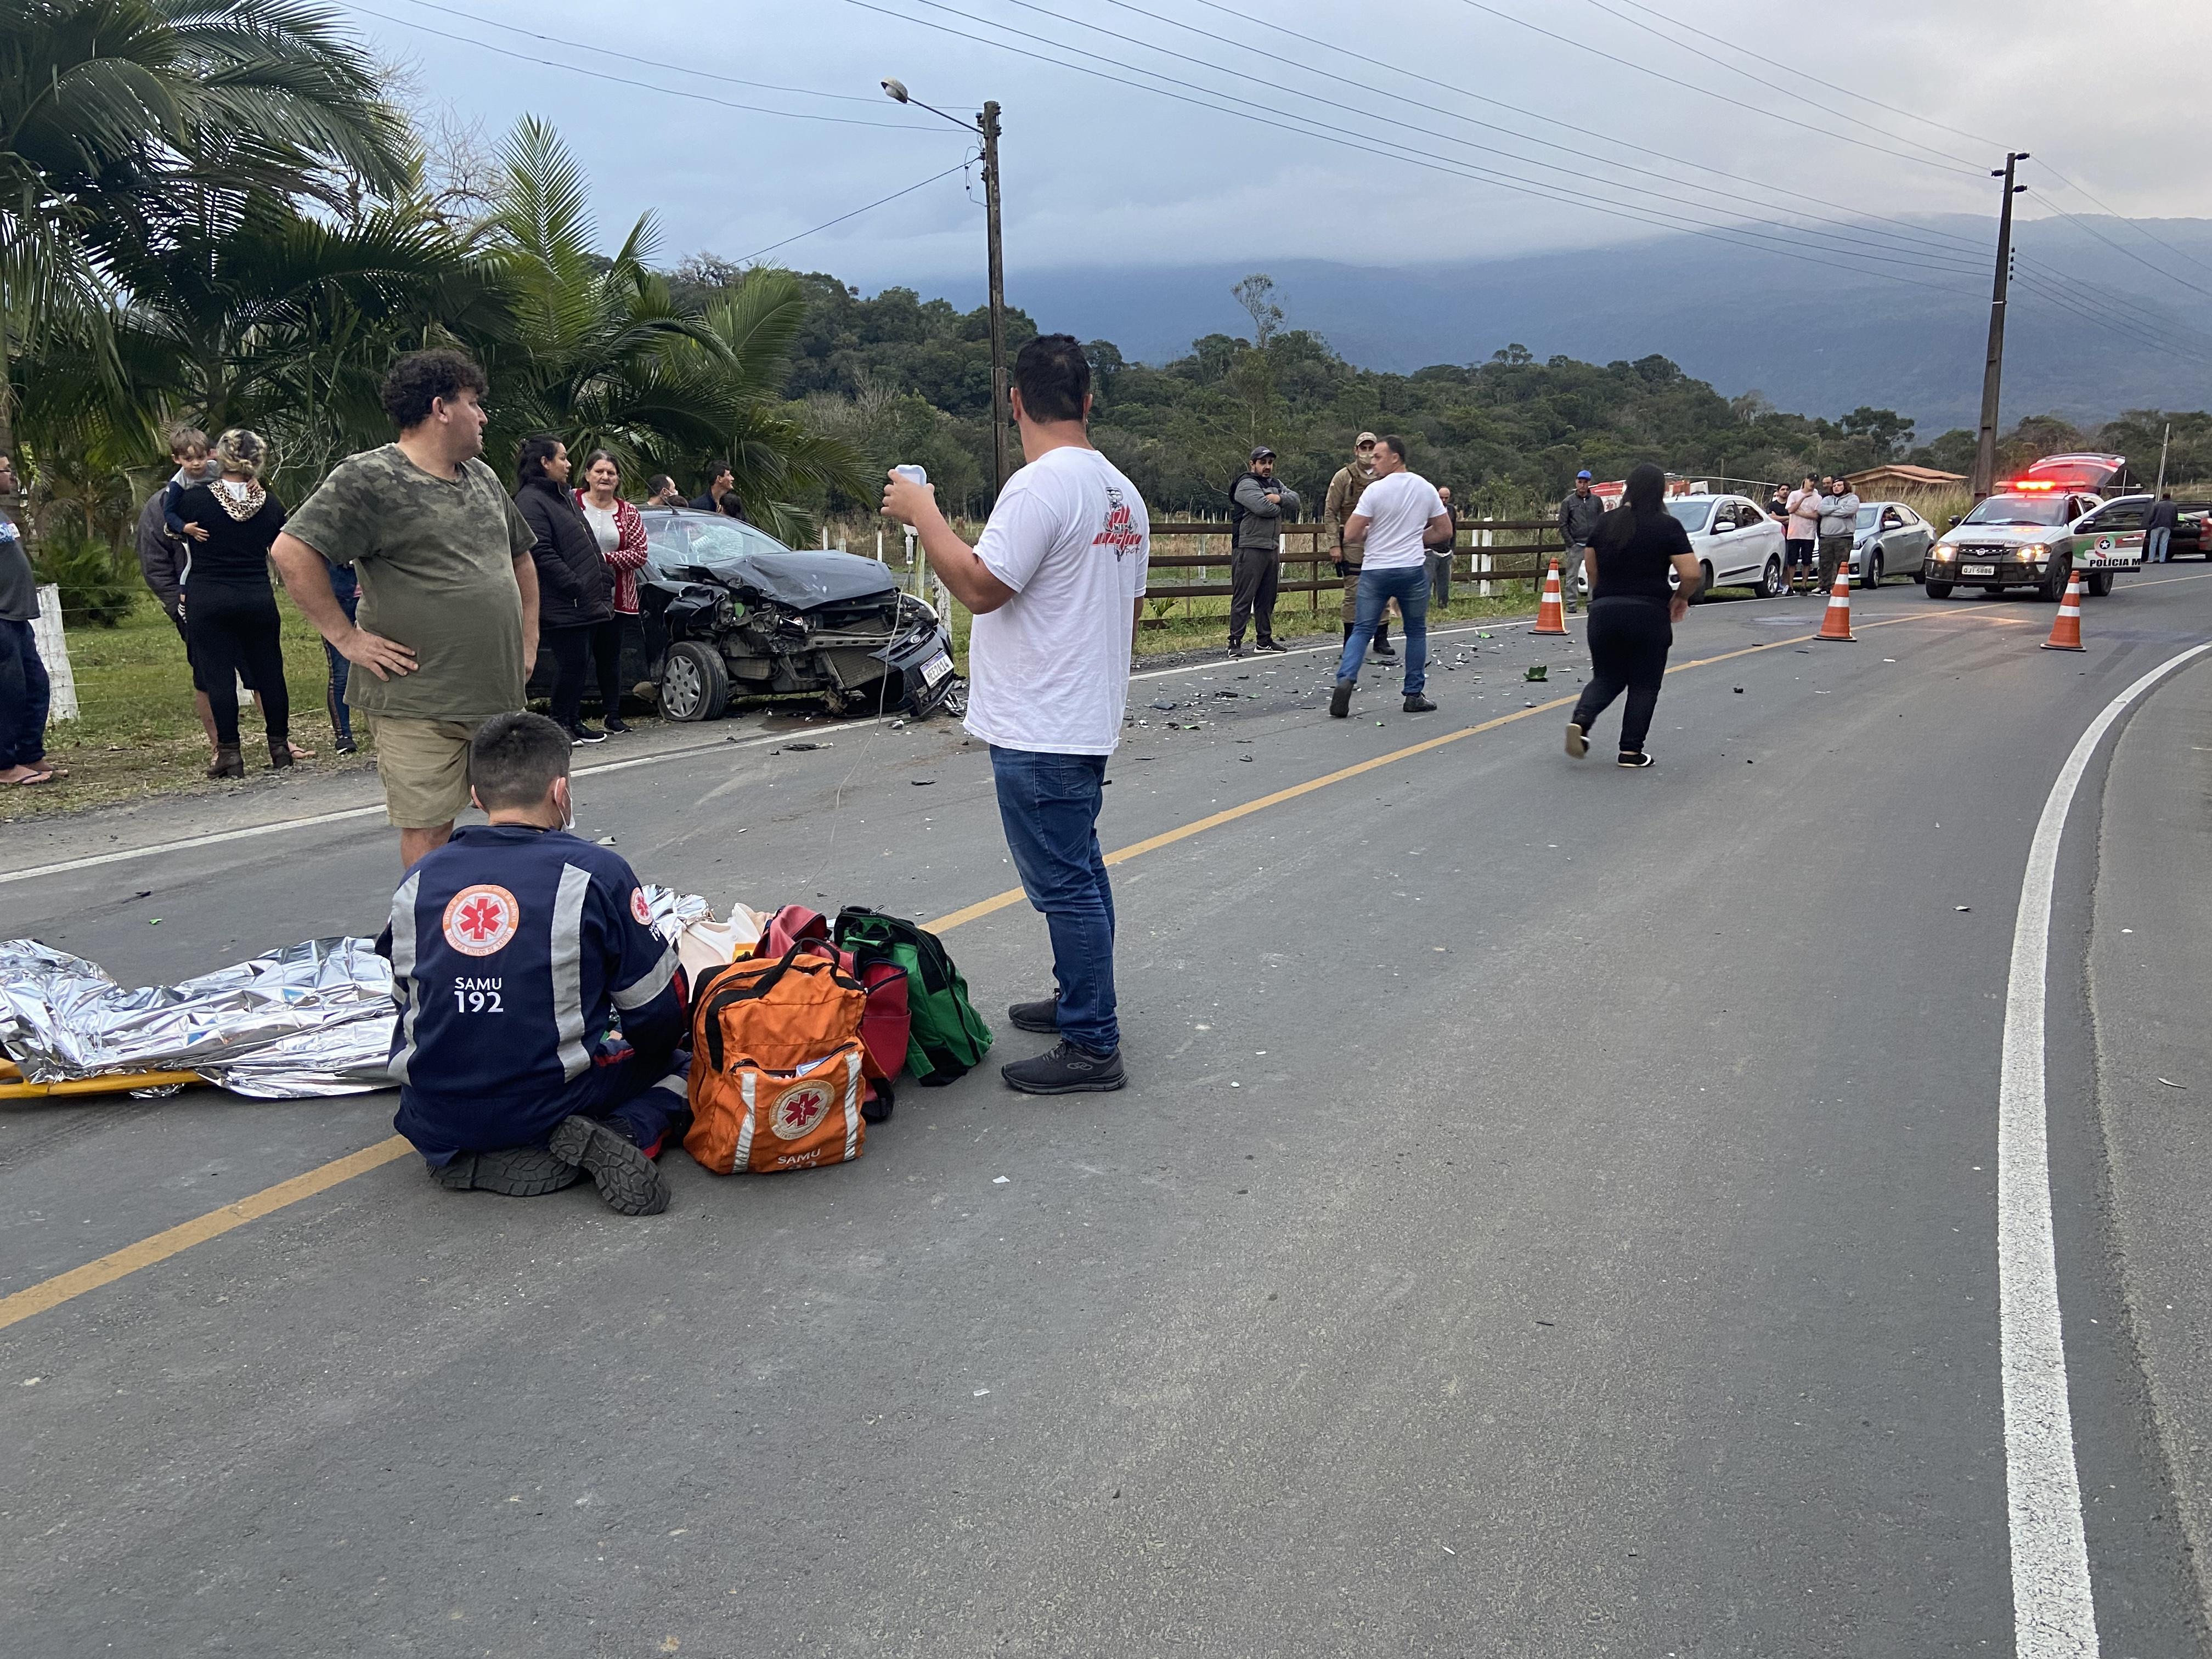 Em andamento: acidente grave deixa duas pessoas gravemente feridas em Nova Veneza